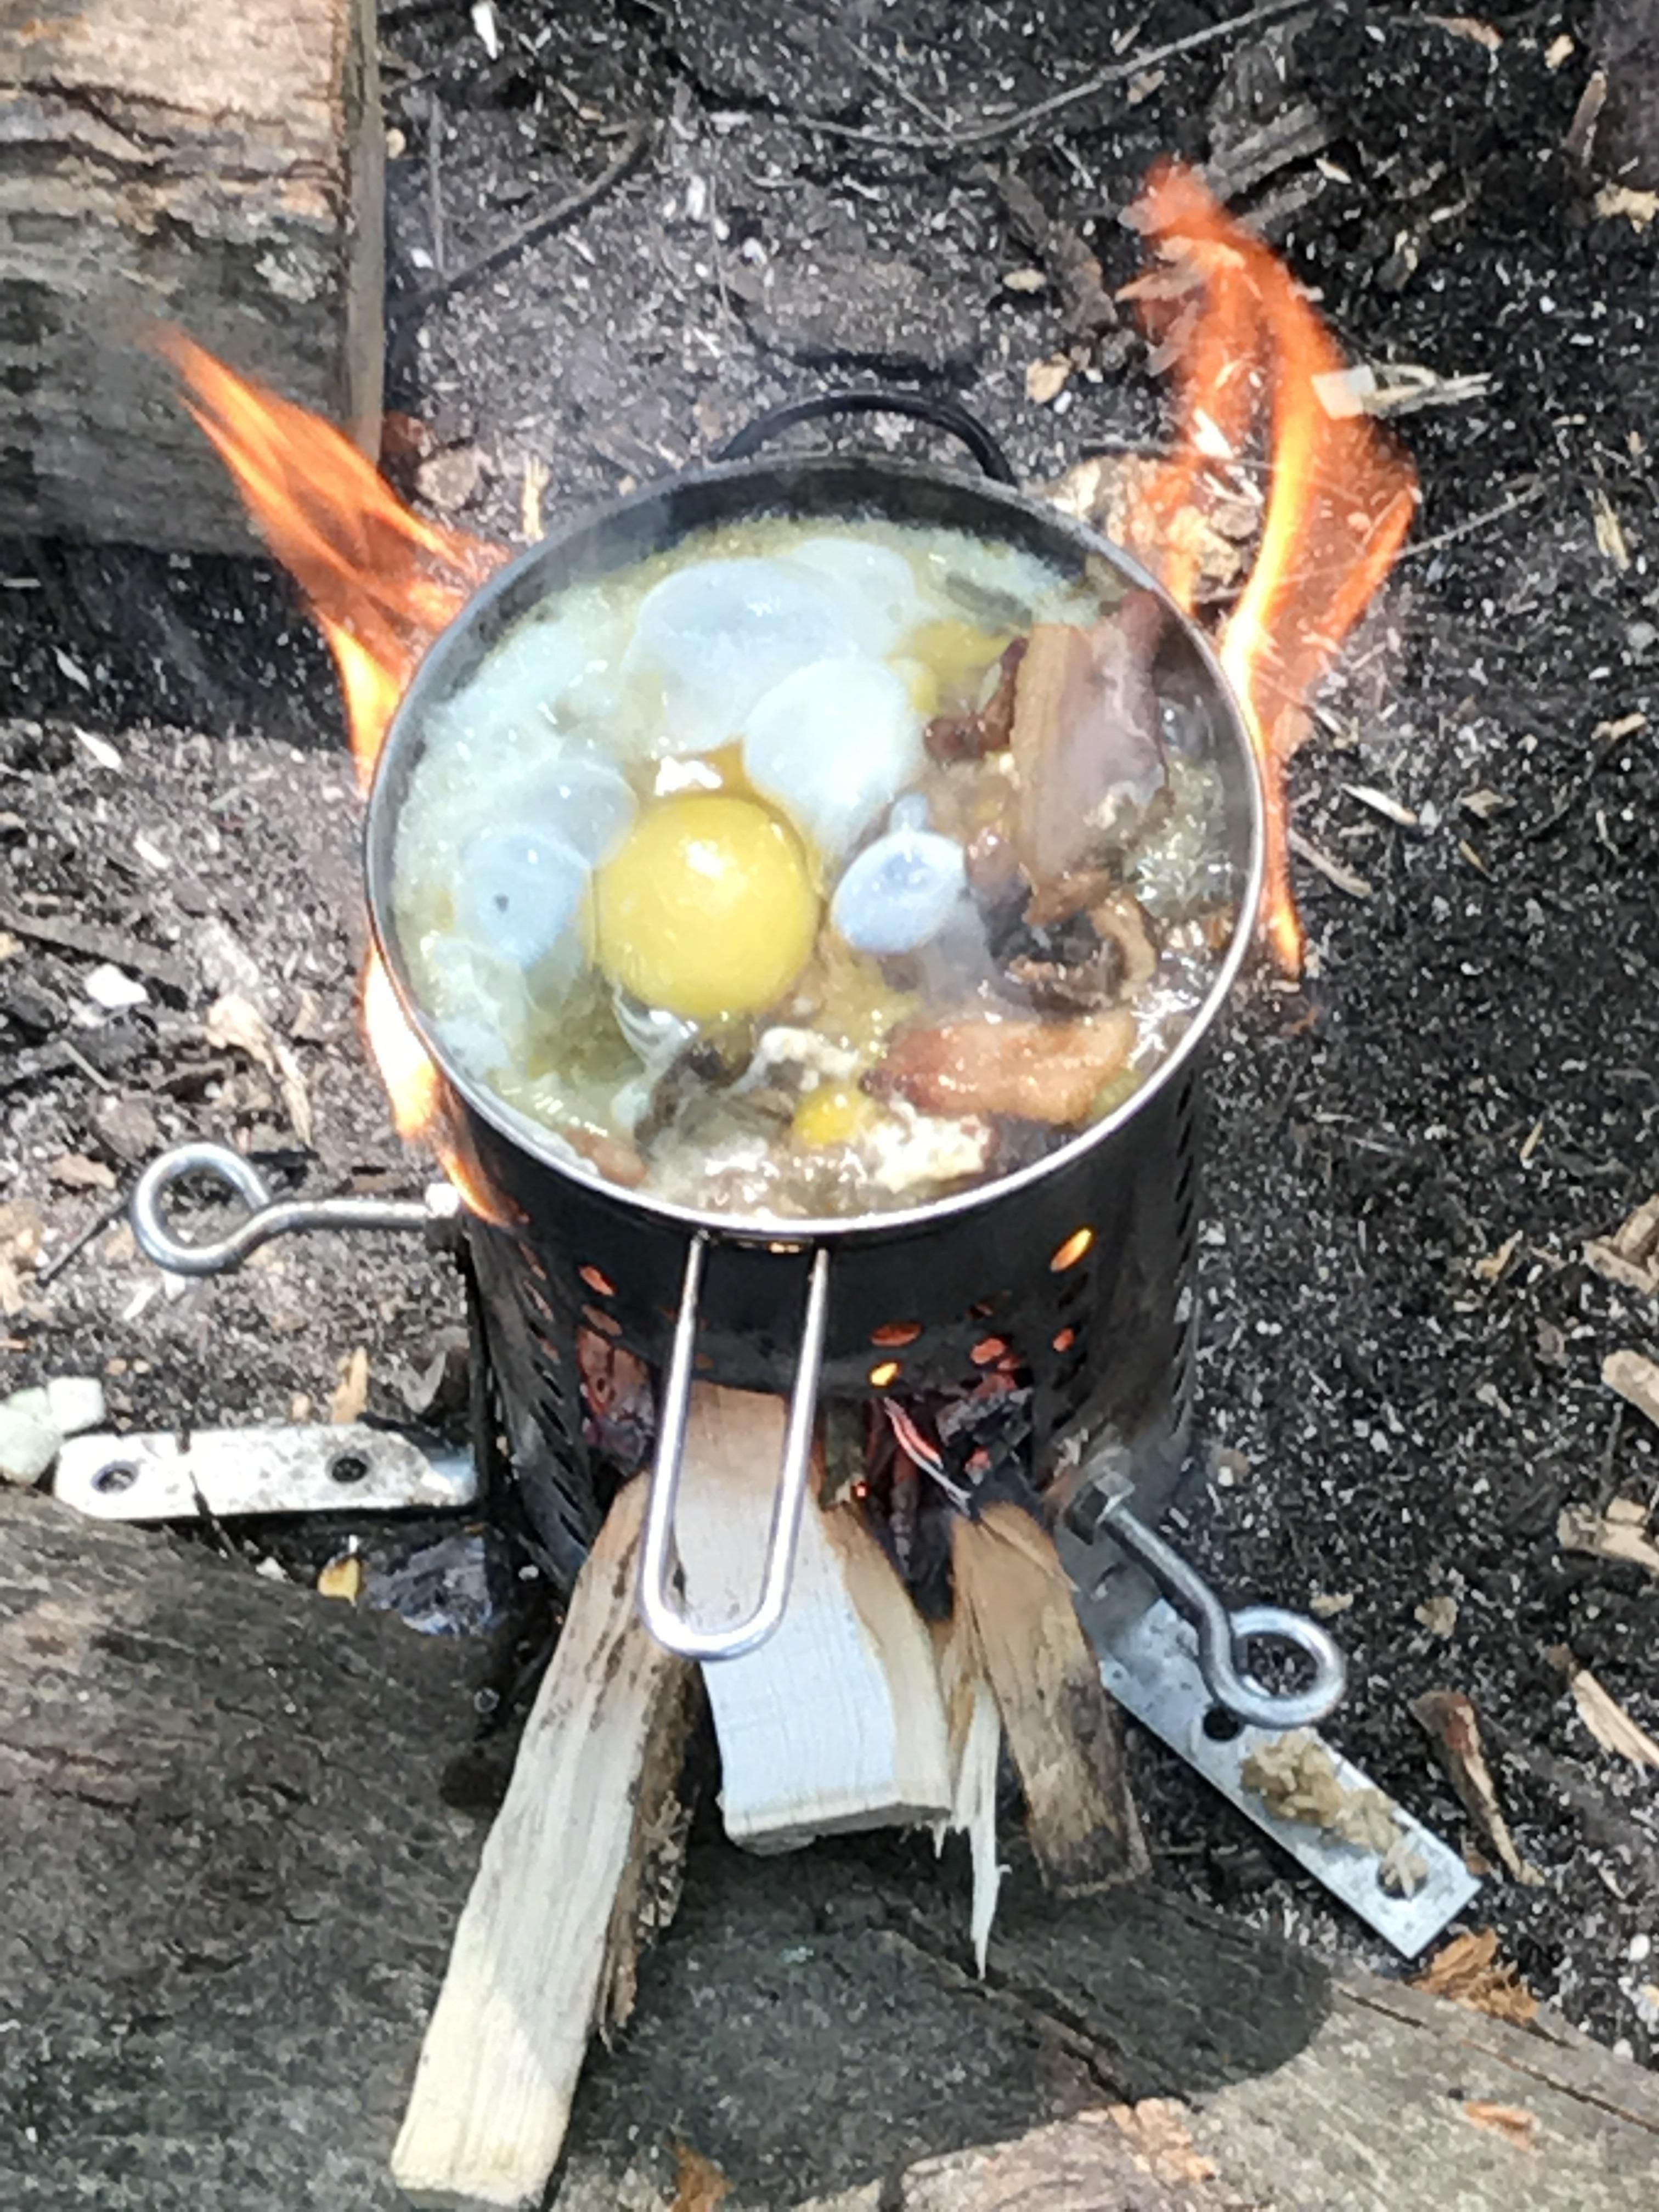 Breakfast on my diy ikea hobo stove crystal lake national